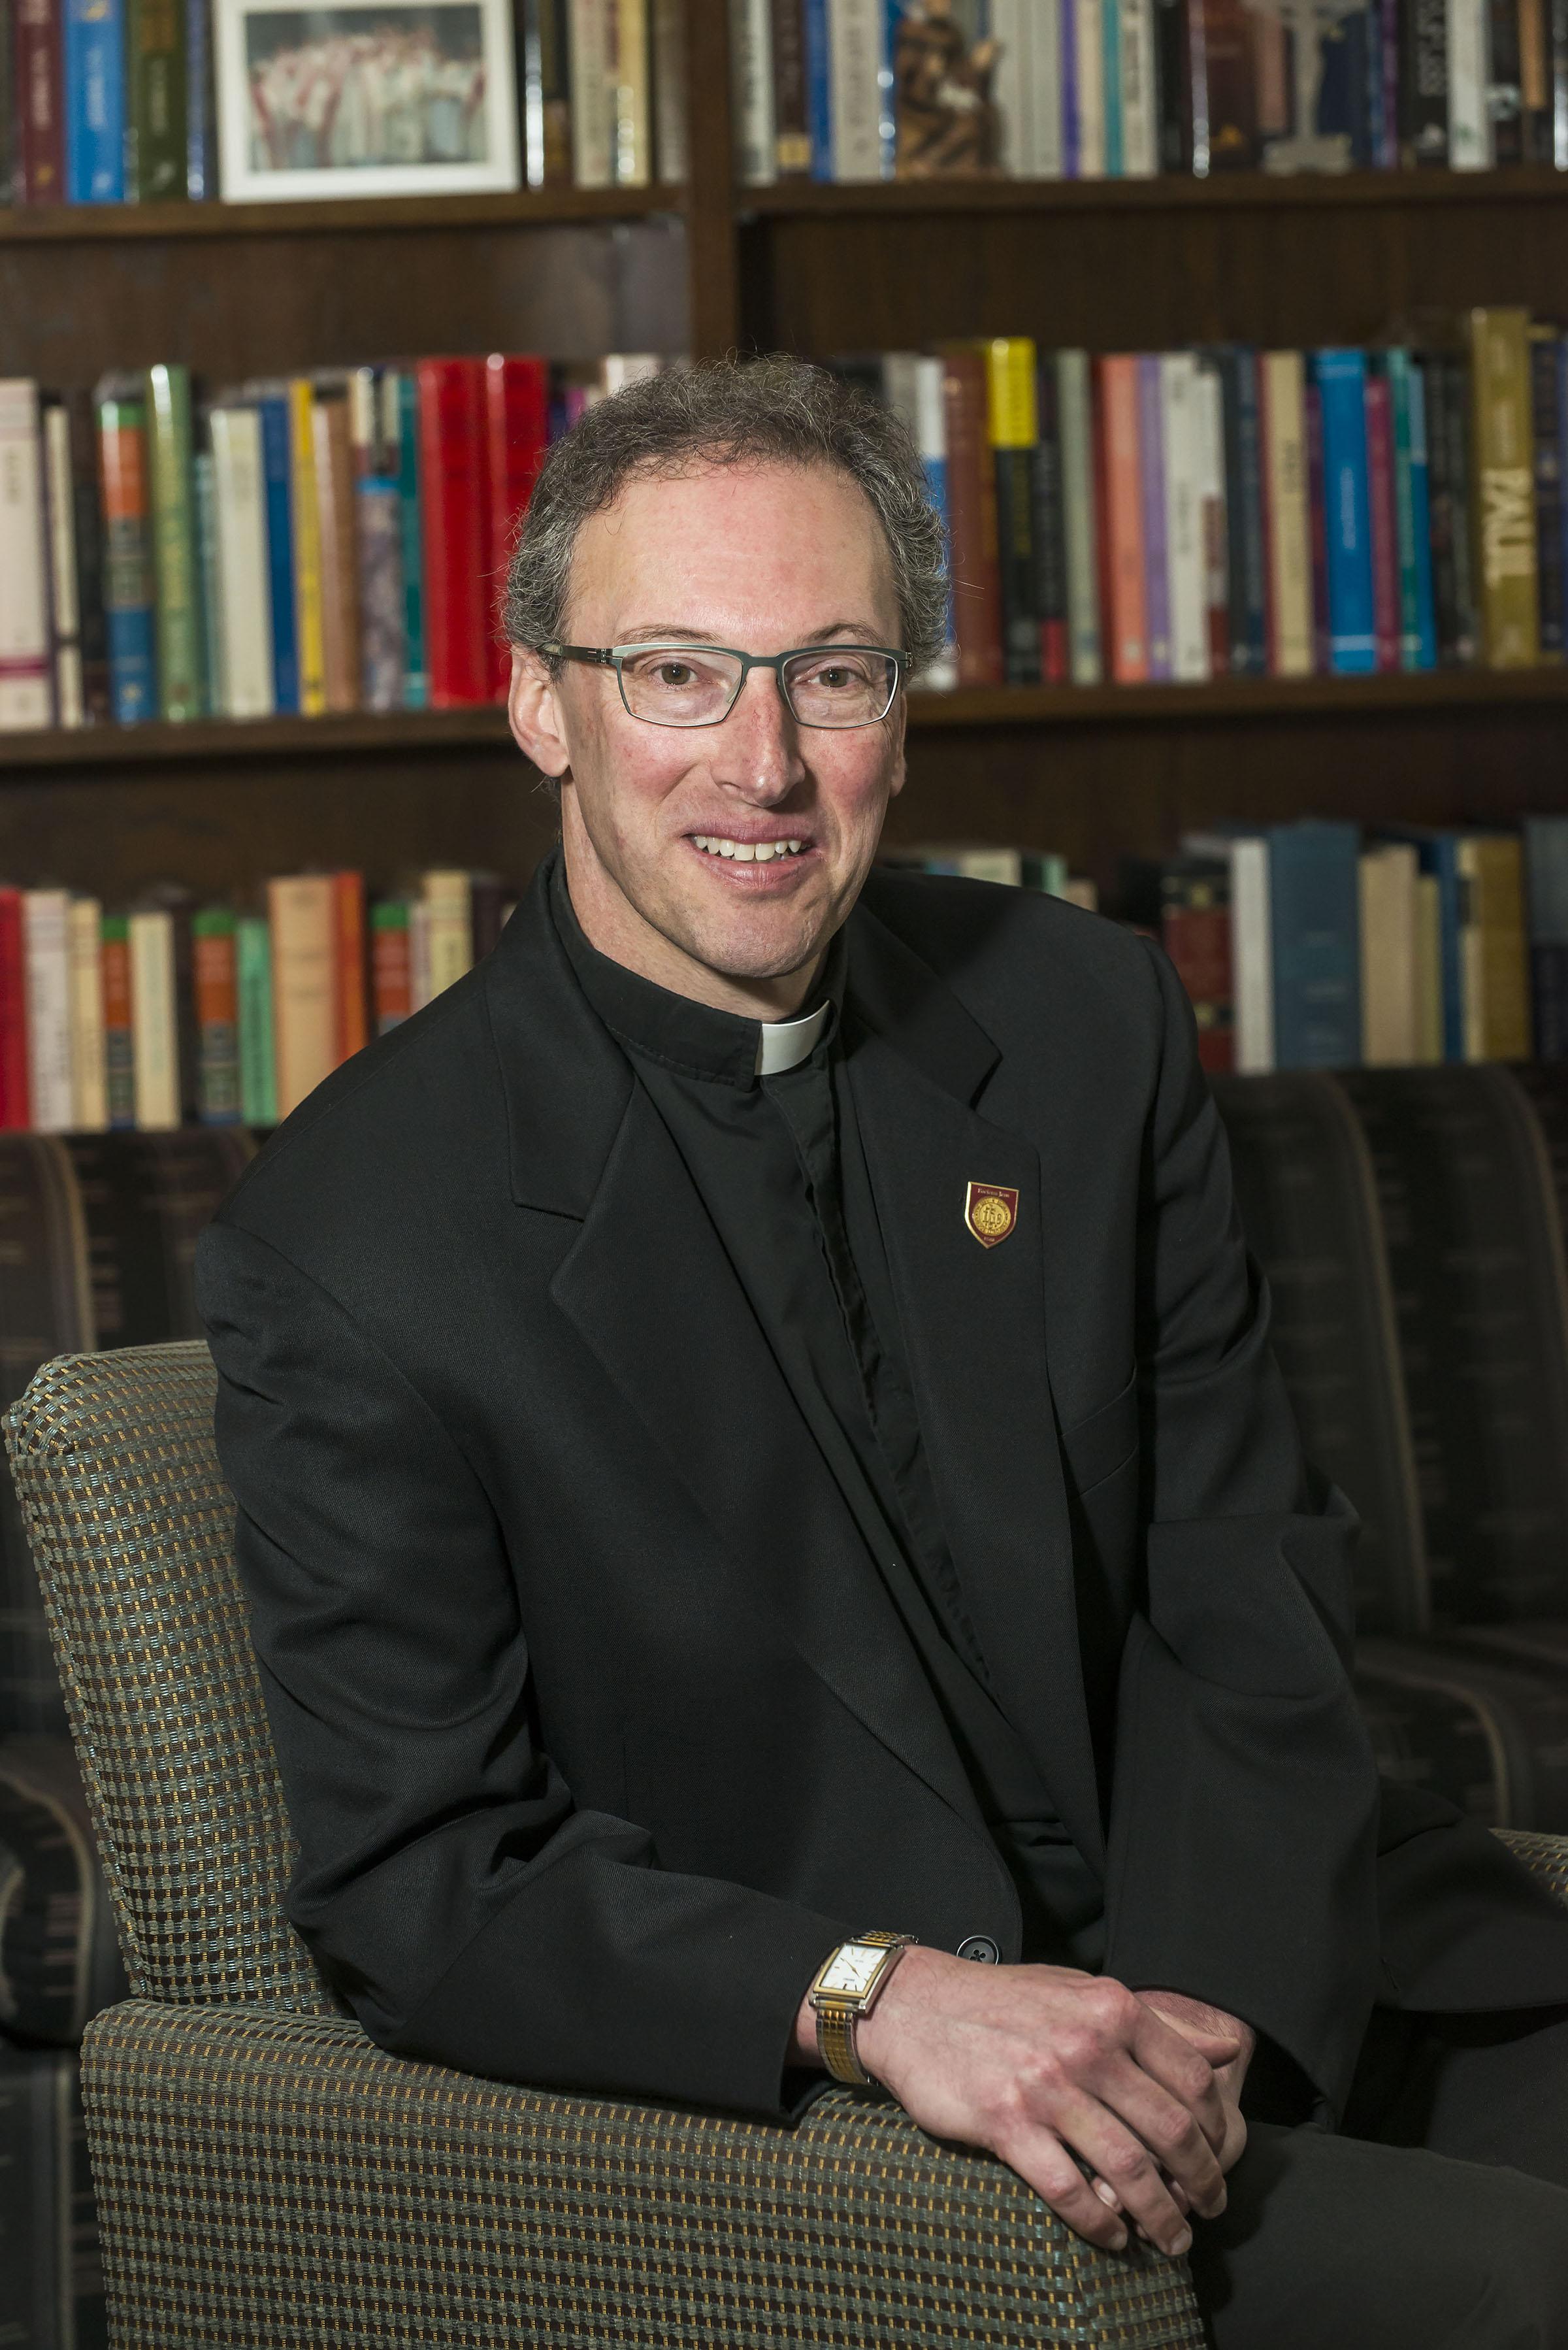 Rev. Thomas Stegman, S.J. (Photo by Lee Pellegrini,Boston College)